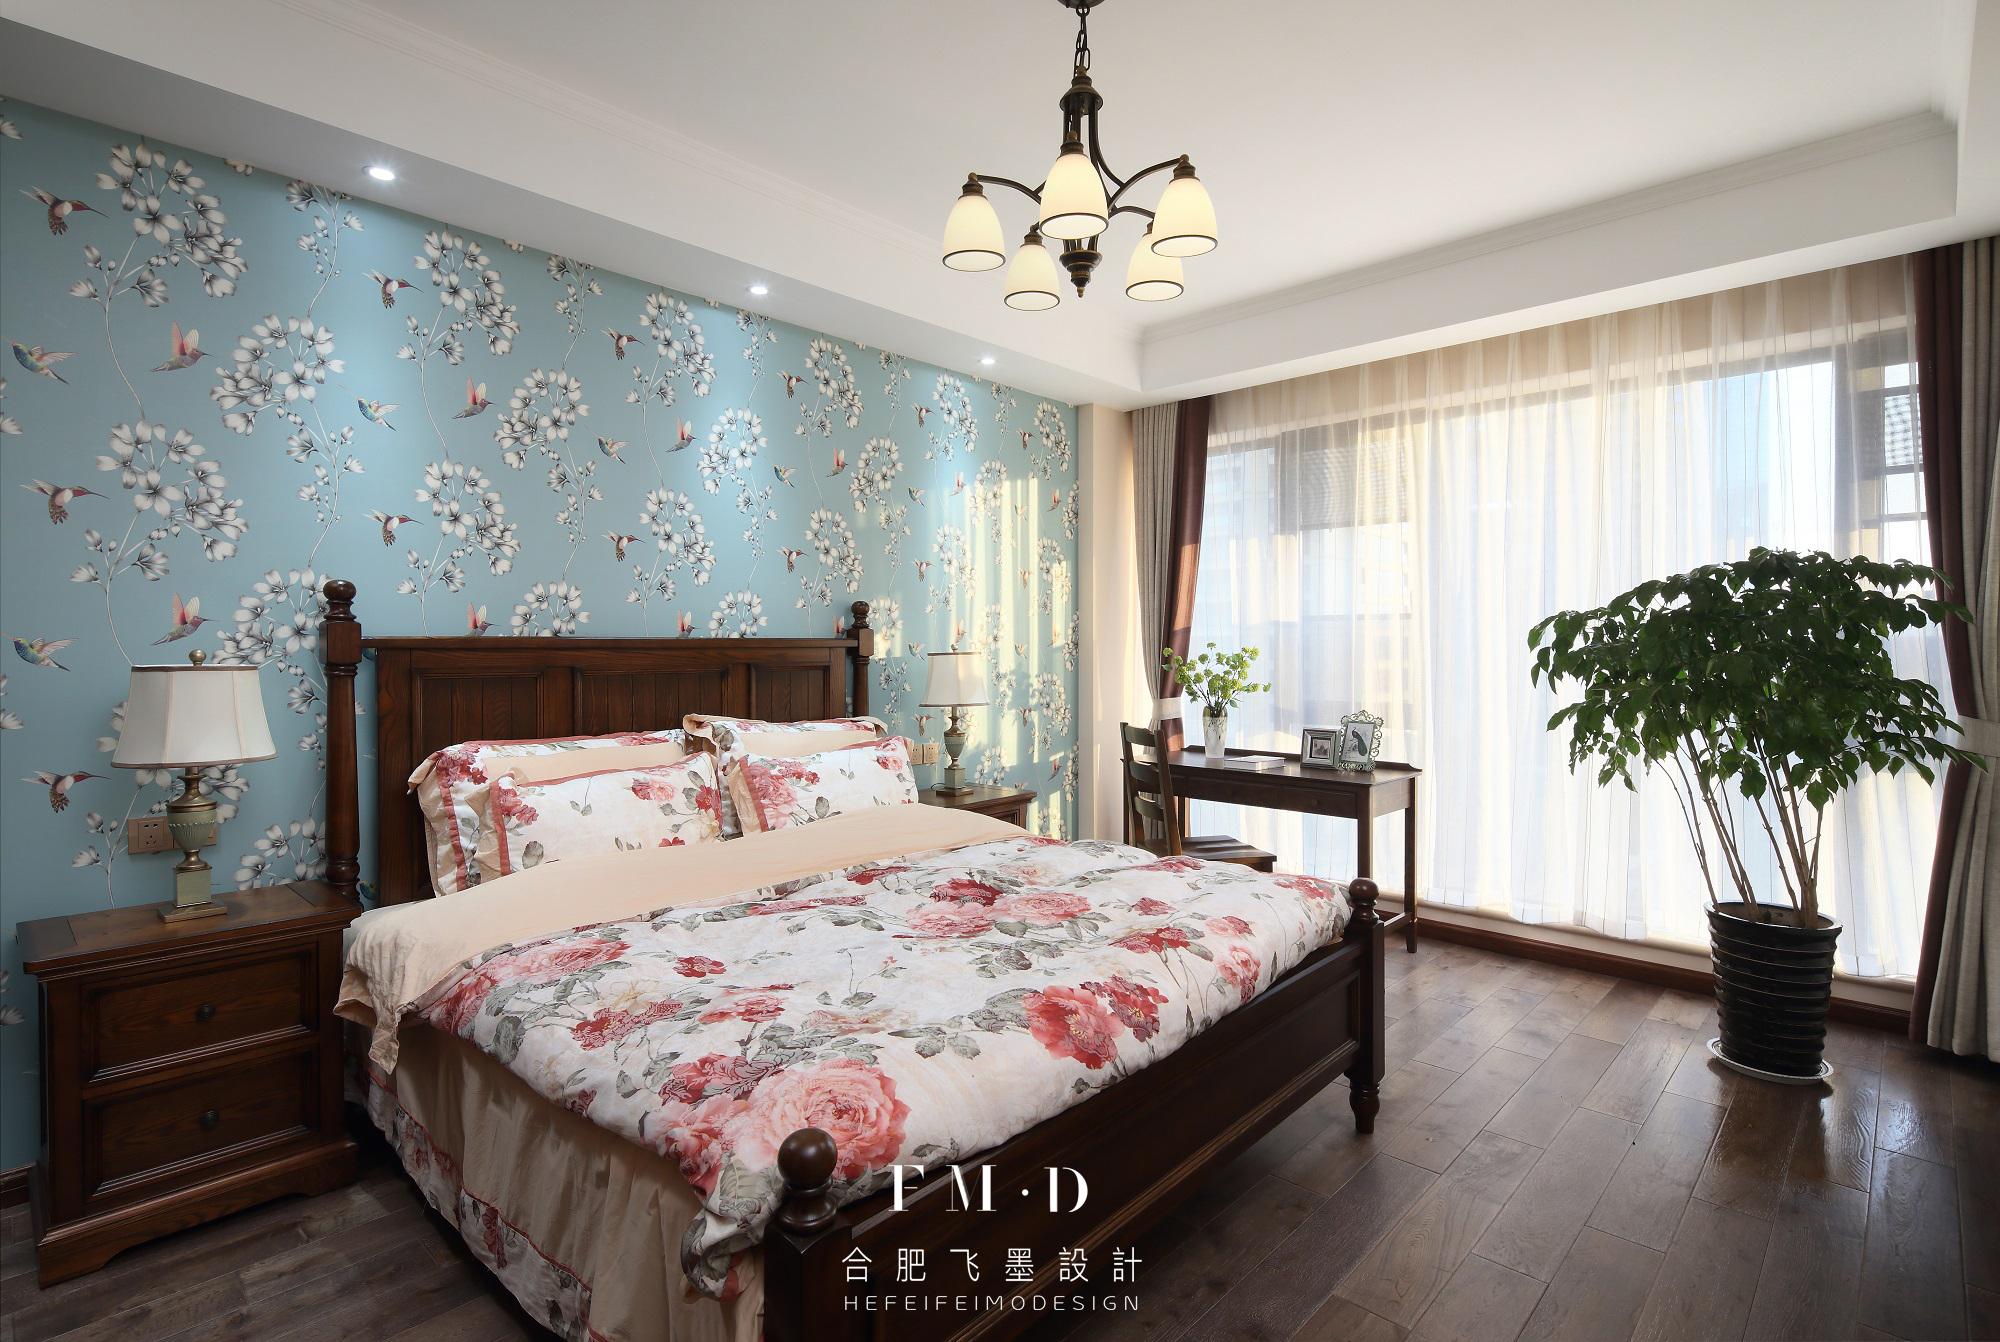 美式乡村风格三居卧室装修效果图